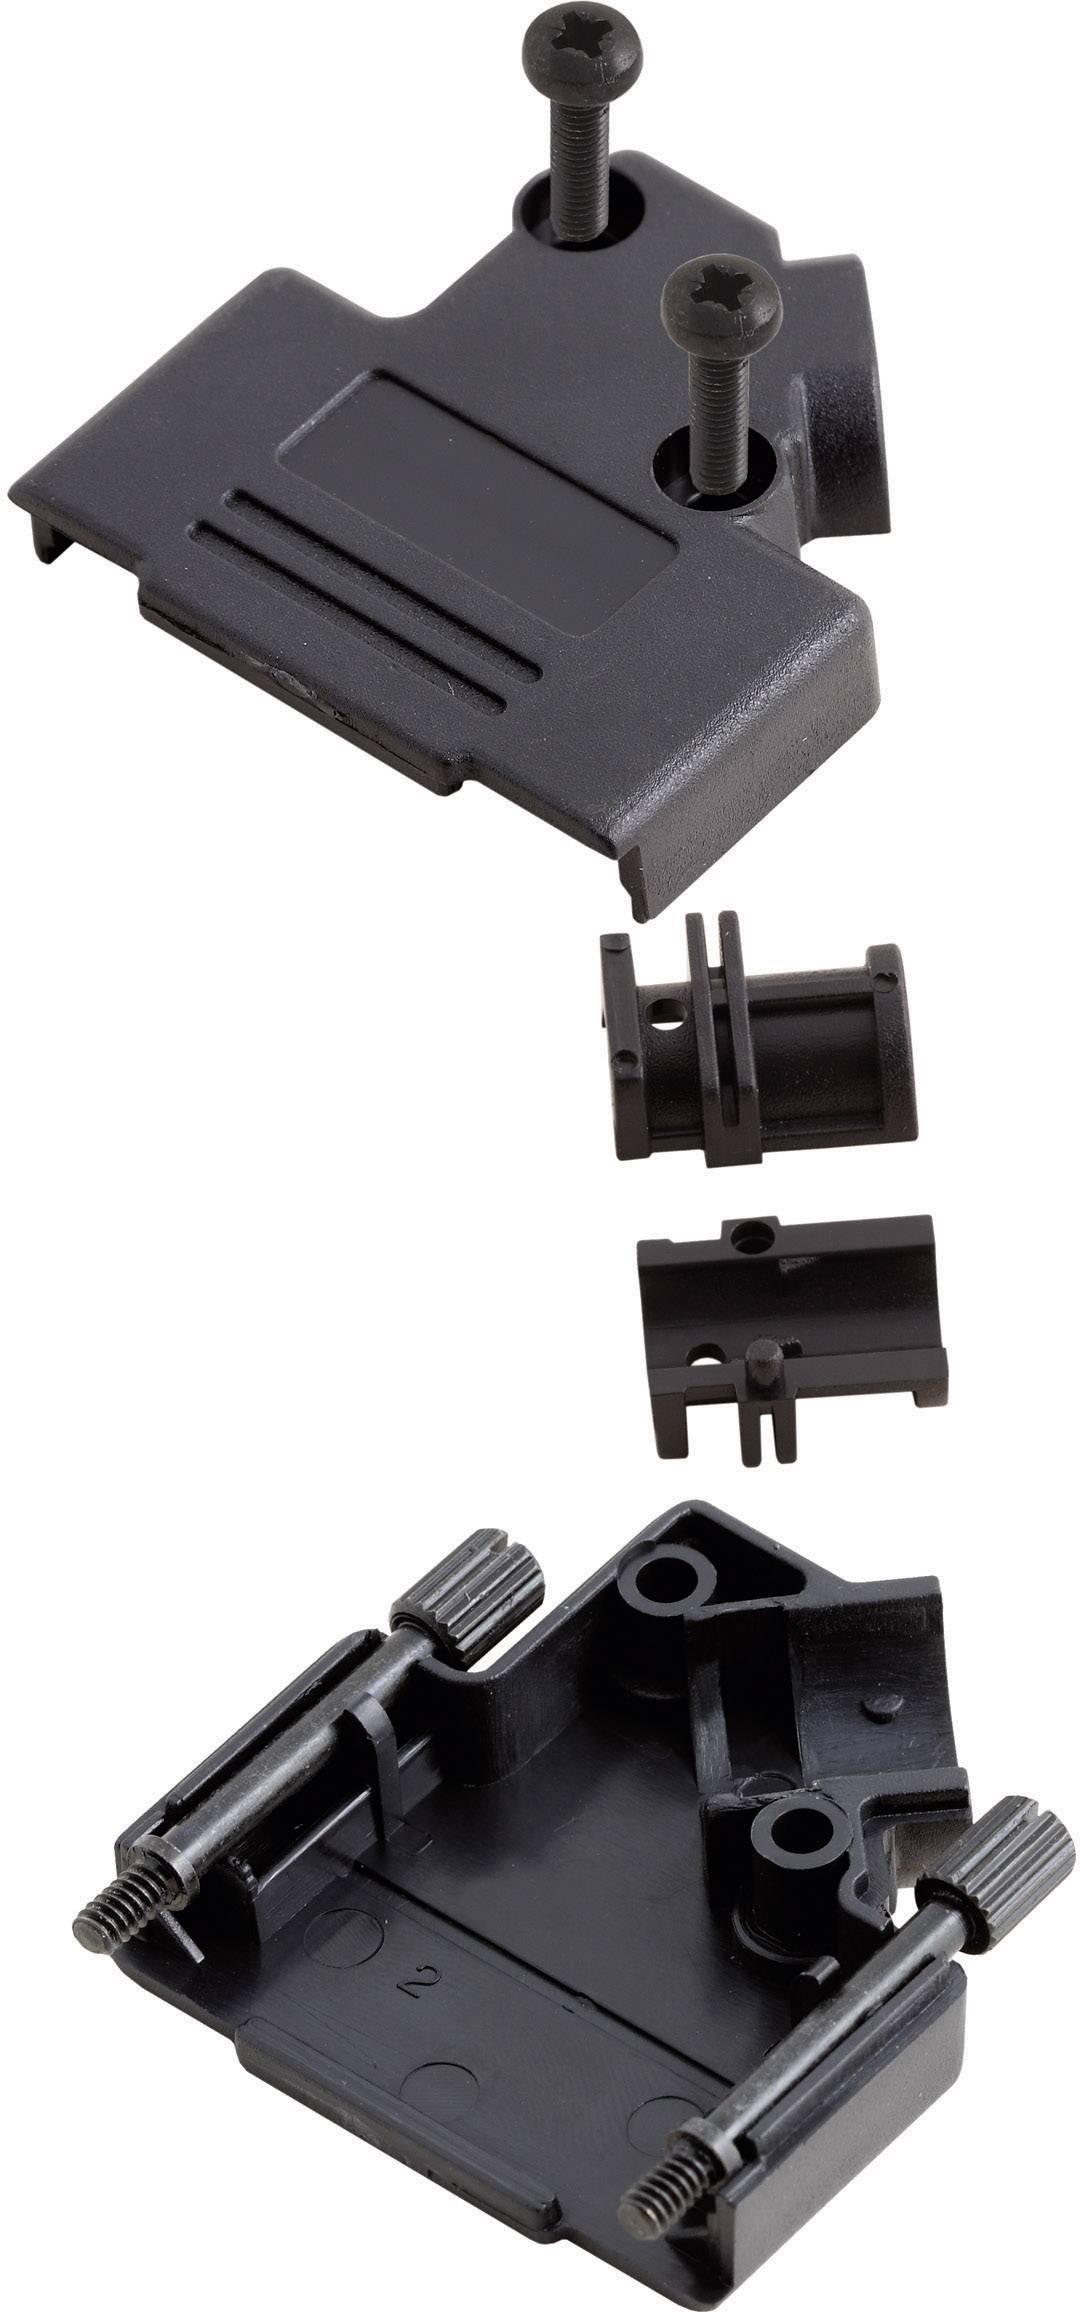 D-SUB pouzdro MH Connectors MHD45PPK-09-BK-K 6560-0107-11, pólů 9, plast, 45 °, černá, 1 ks